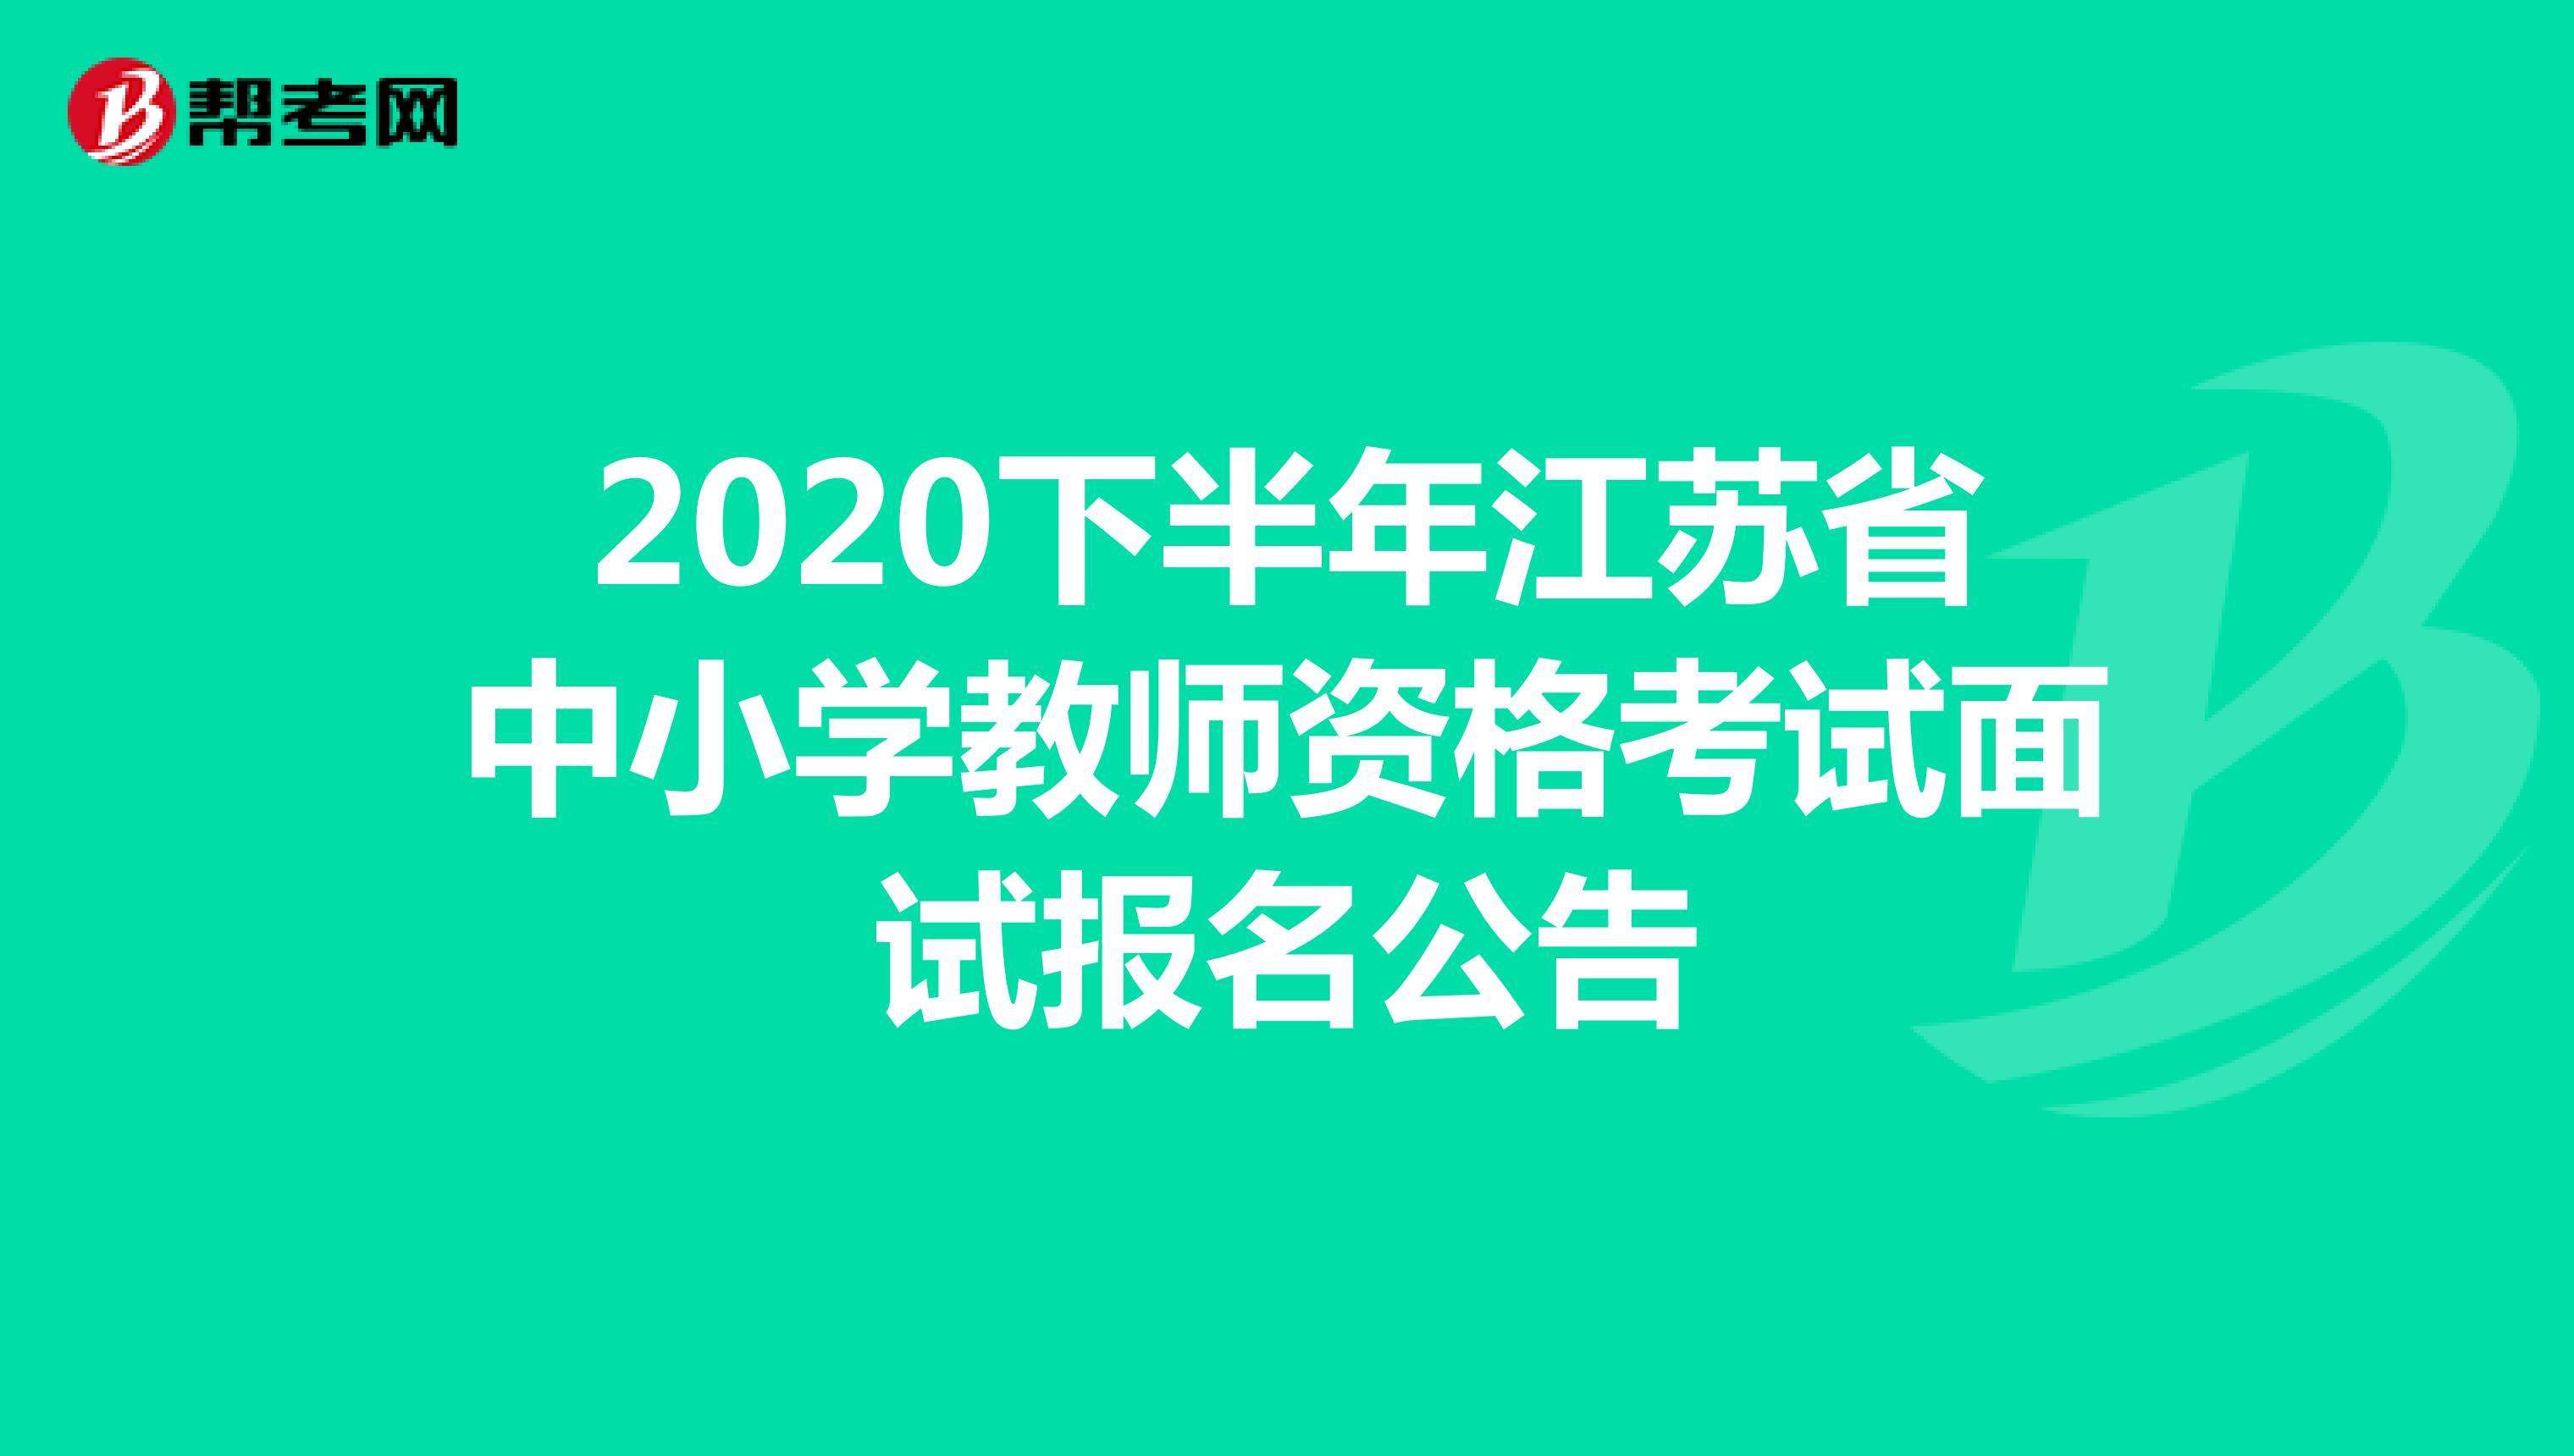 速看,带你了解2020下半年江苏省中小学教师资格考试面试报名公告信息